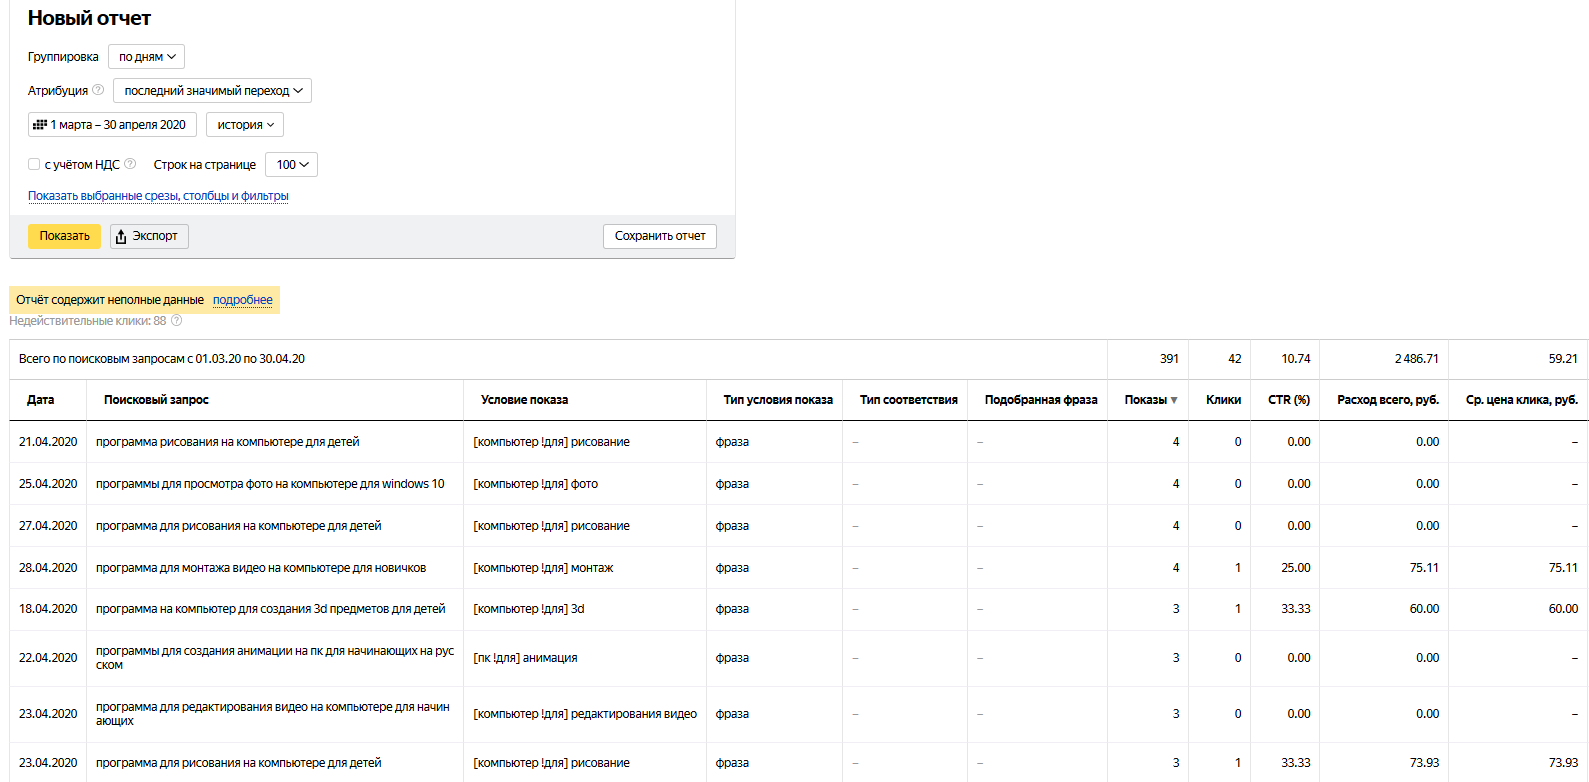 Как упростить работу с отчетом «Поисковые запросы» в Яндекс.Директе - «Заработок»